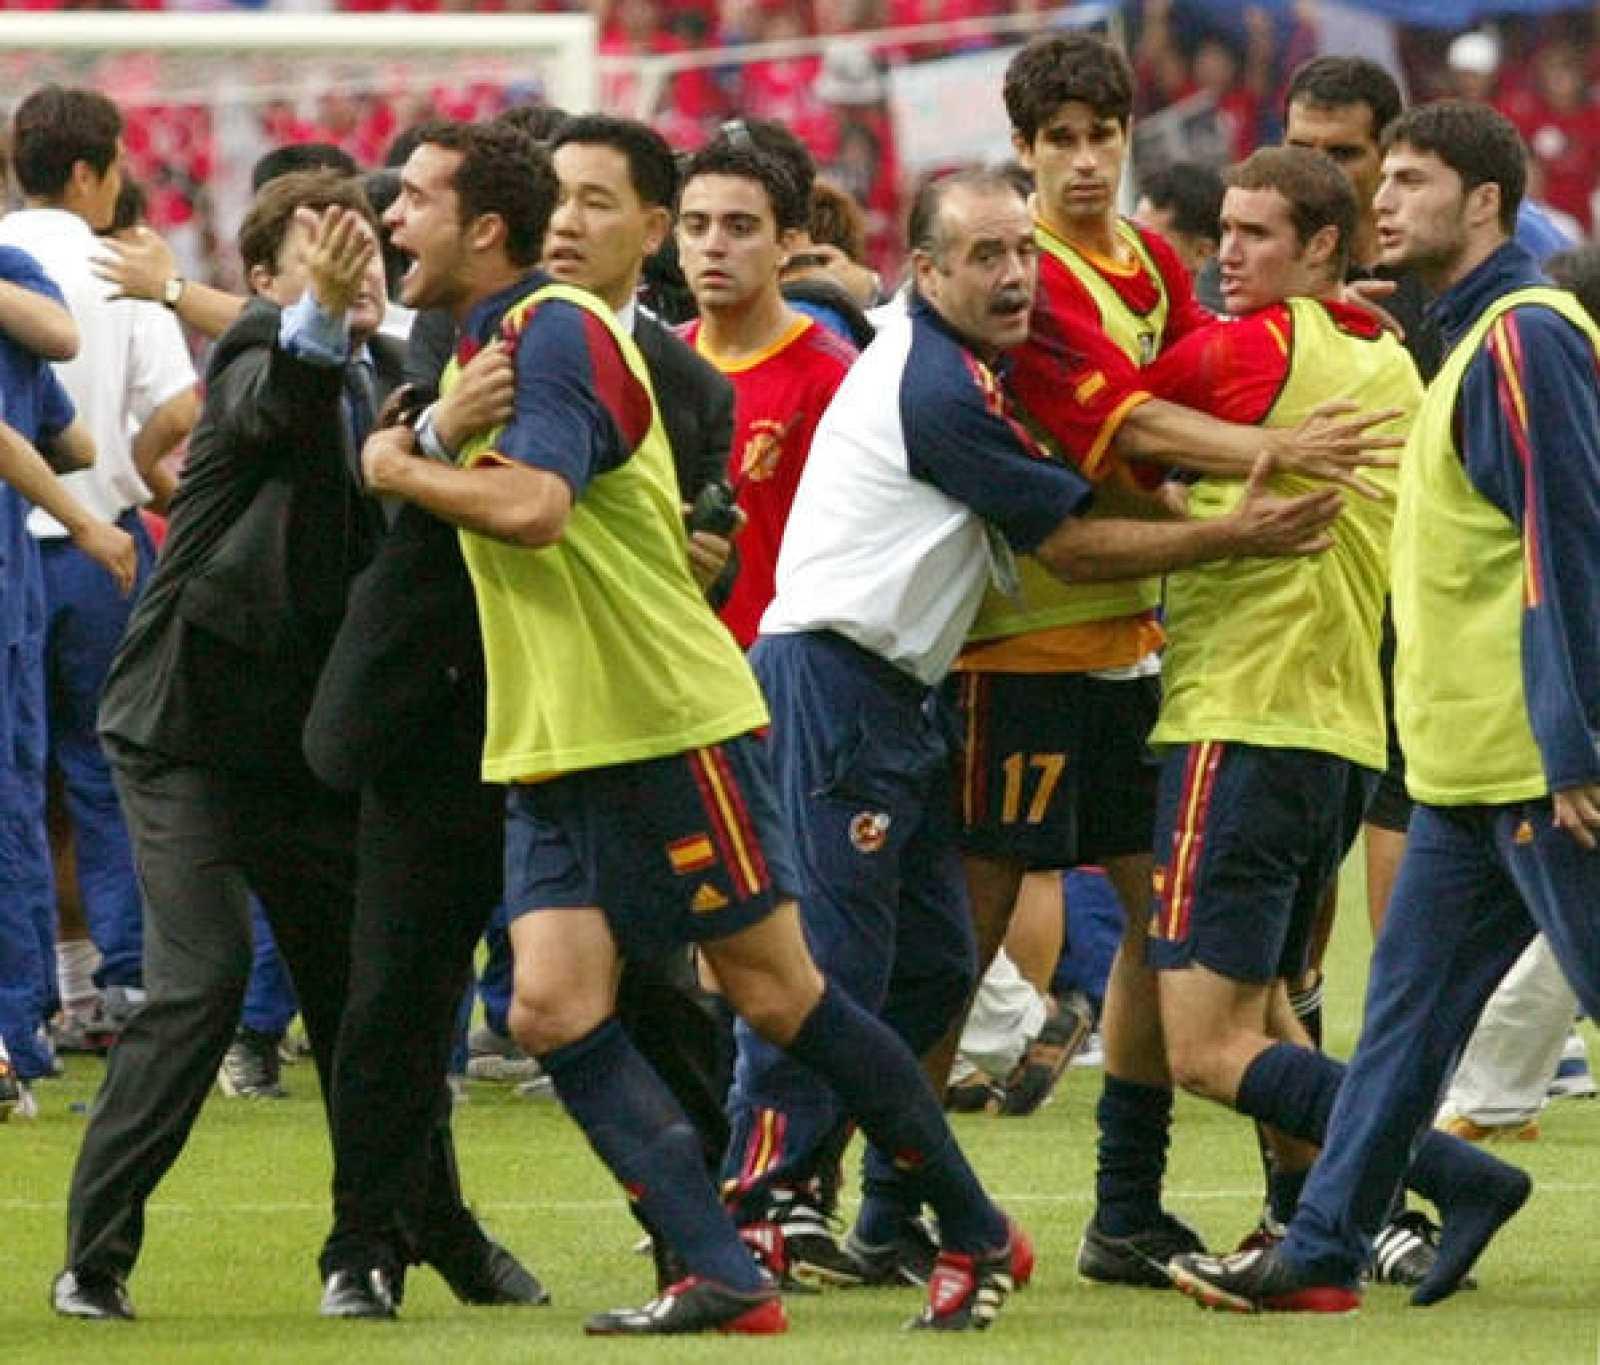 Los jugadores de la selección discuten con el árbitro tras la derrota ante Corea en el Mundial de 2002.